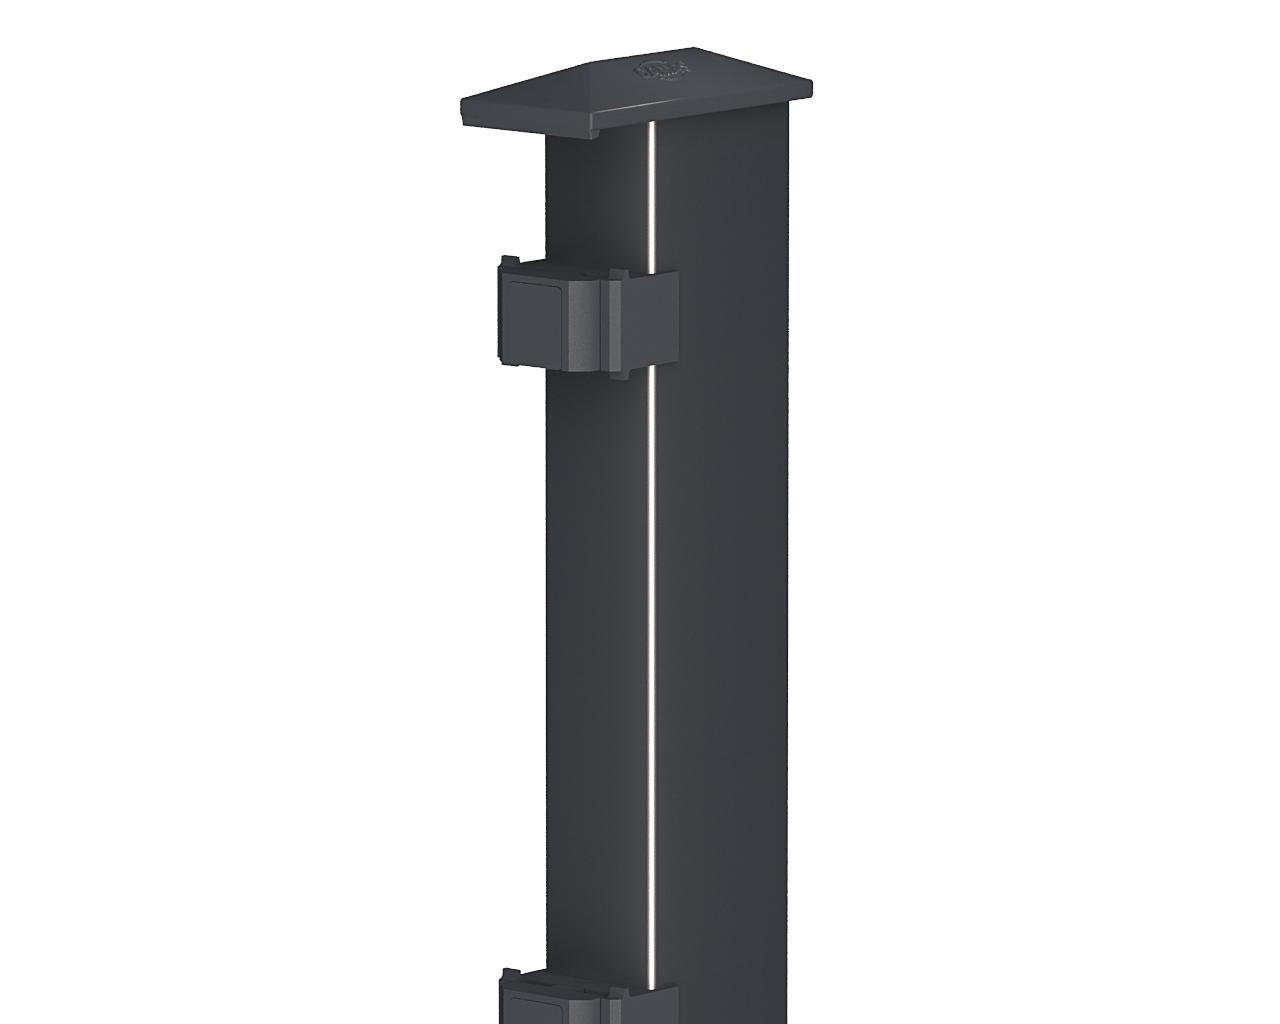 mycamas zaun direkt vom hersteller pfosten typ 2 anthrazit 1830 standard. Black Bedroom Furniture Sets. Home Design Ideas